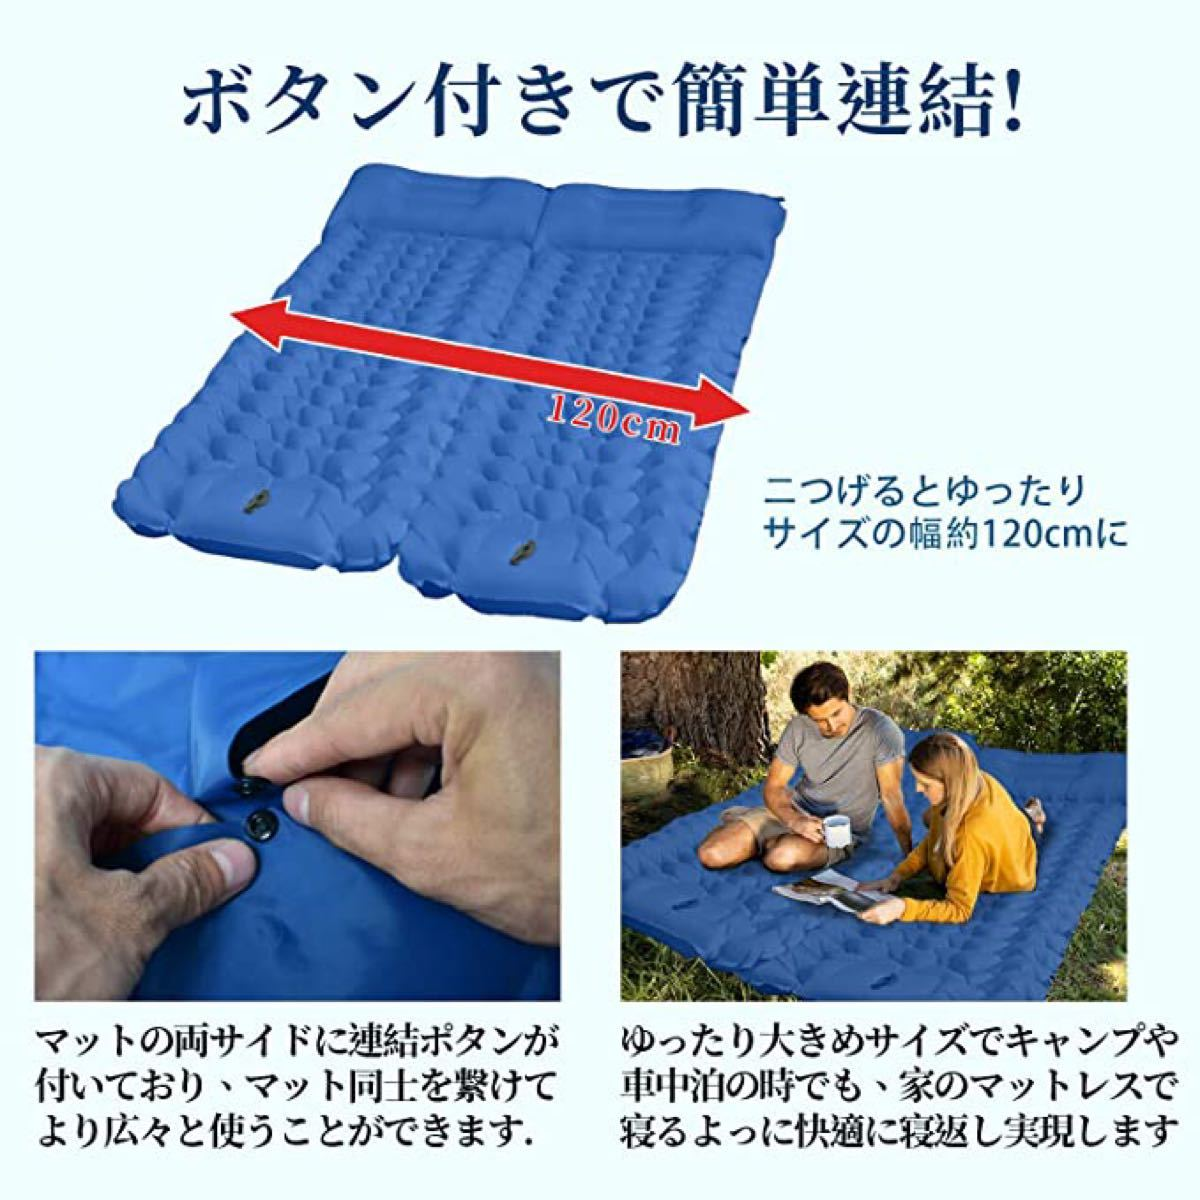 エアーマット キャンプマット★2021年最新 足踏み式  枕付き エアーベッド